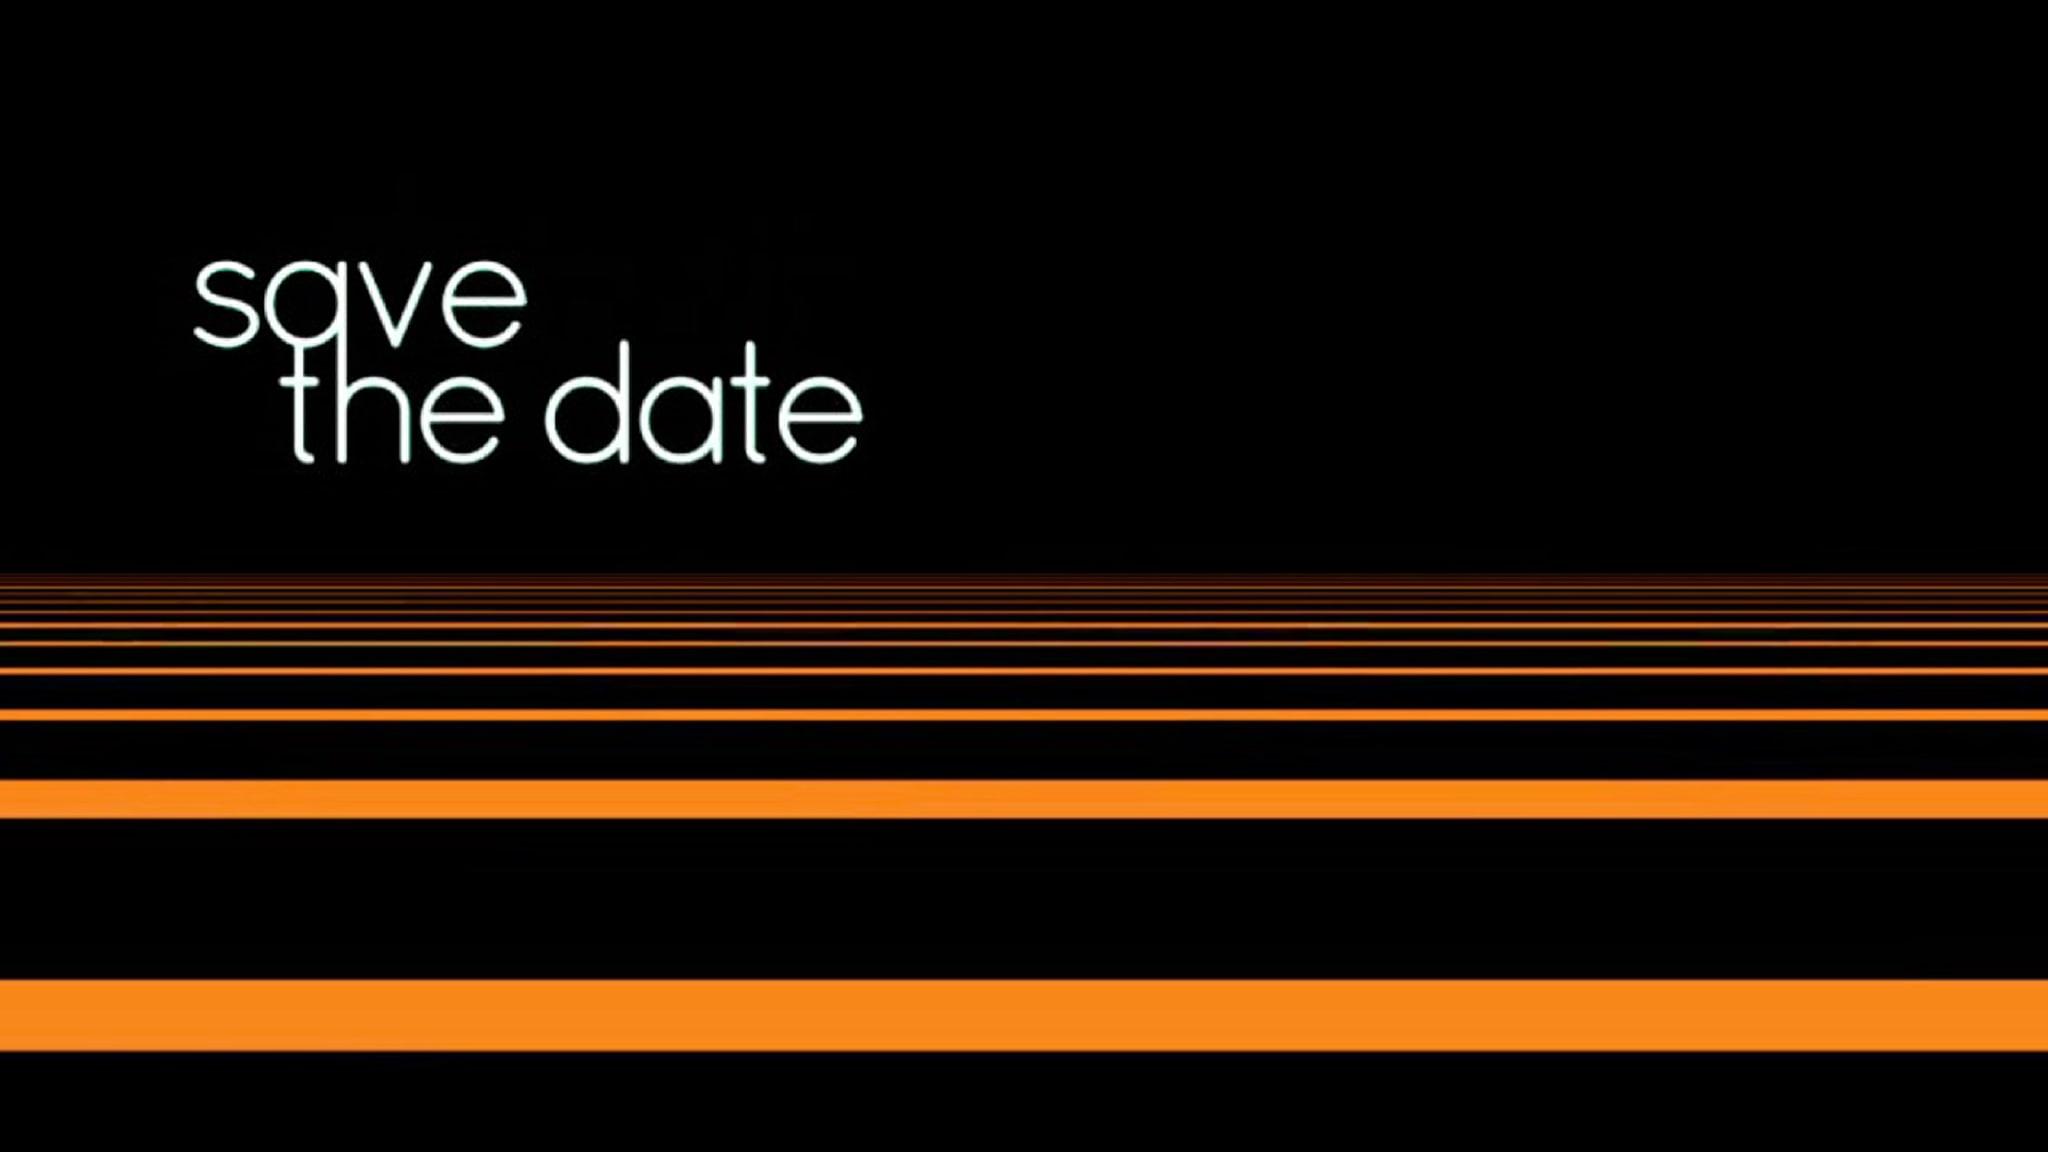 Rai 5 Save the Date - Speciale Farnesina Digital Art Experience